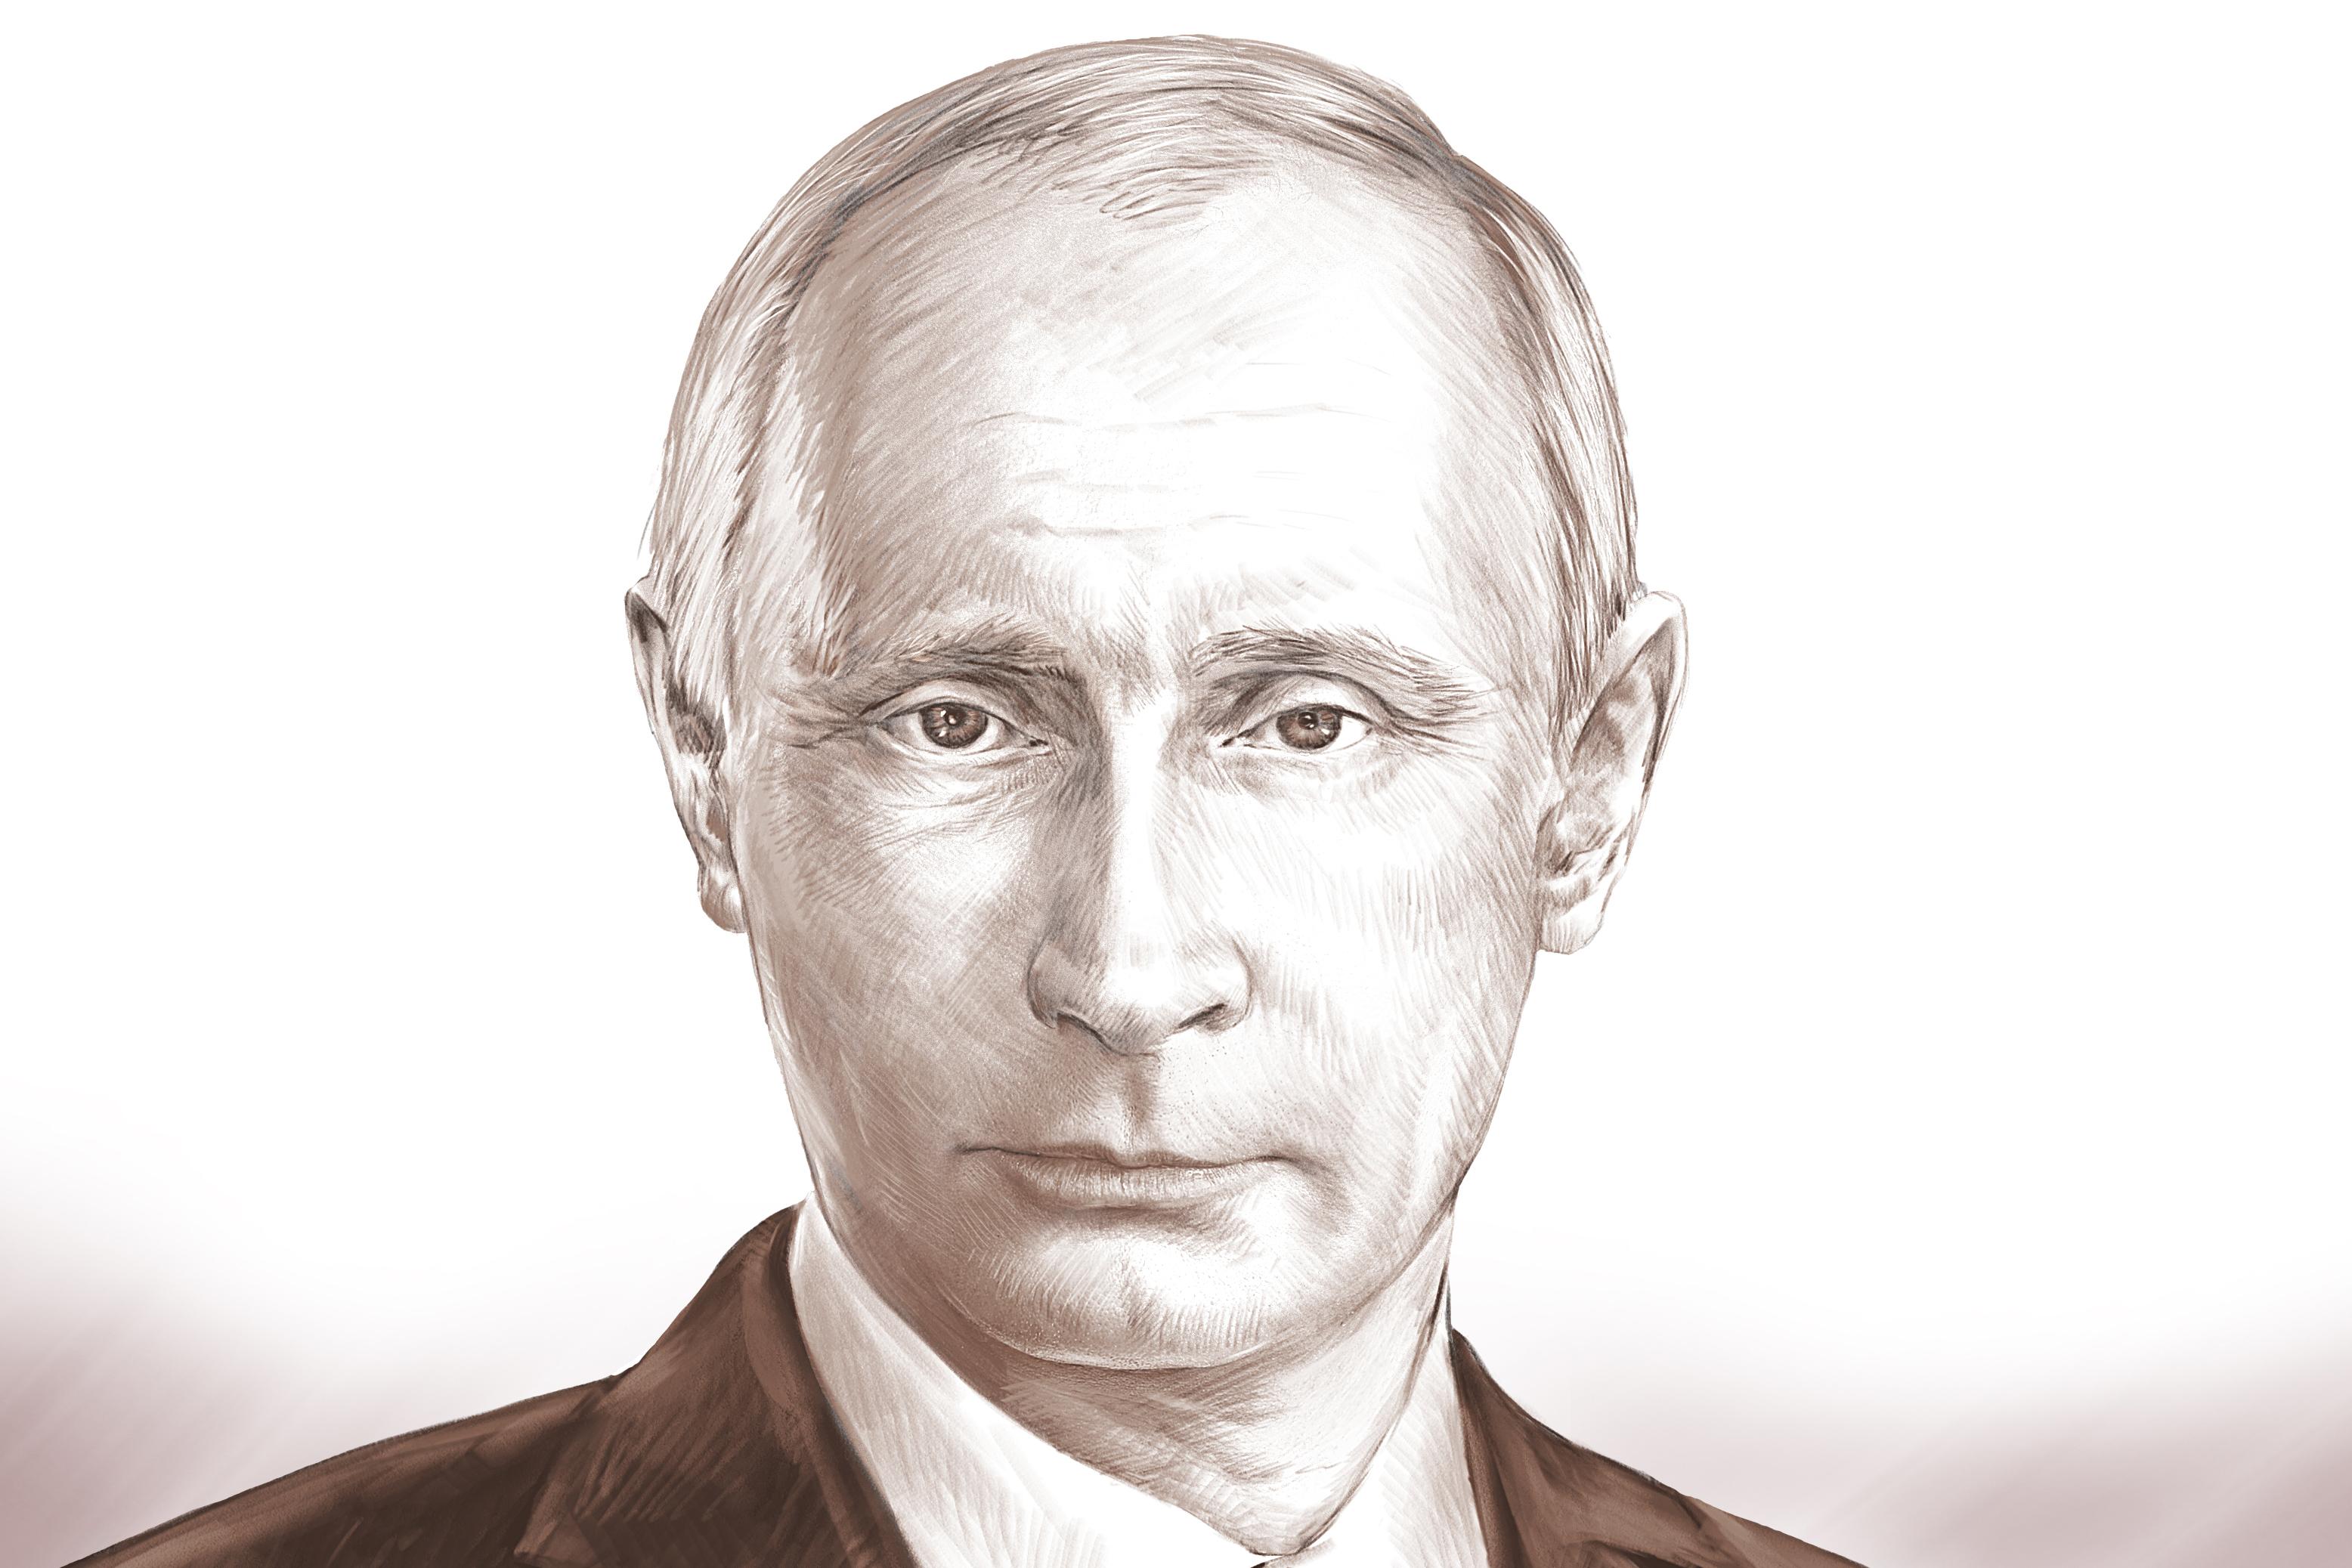 Prospek Masa Depan APEC dalam Pandangan Presiden Putin